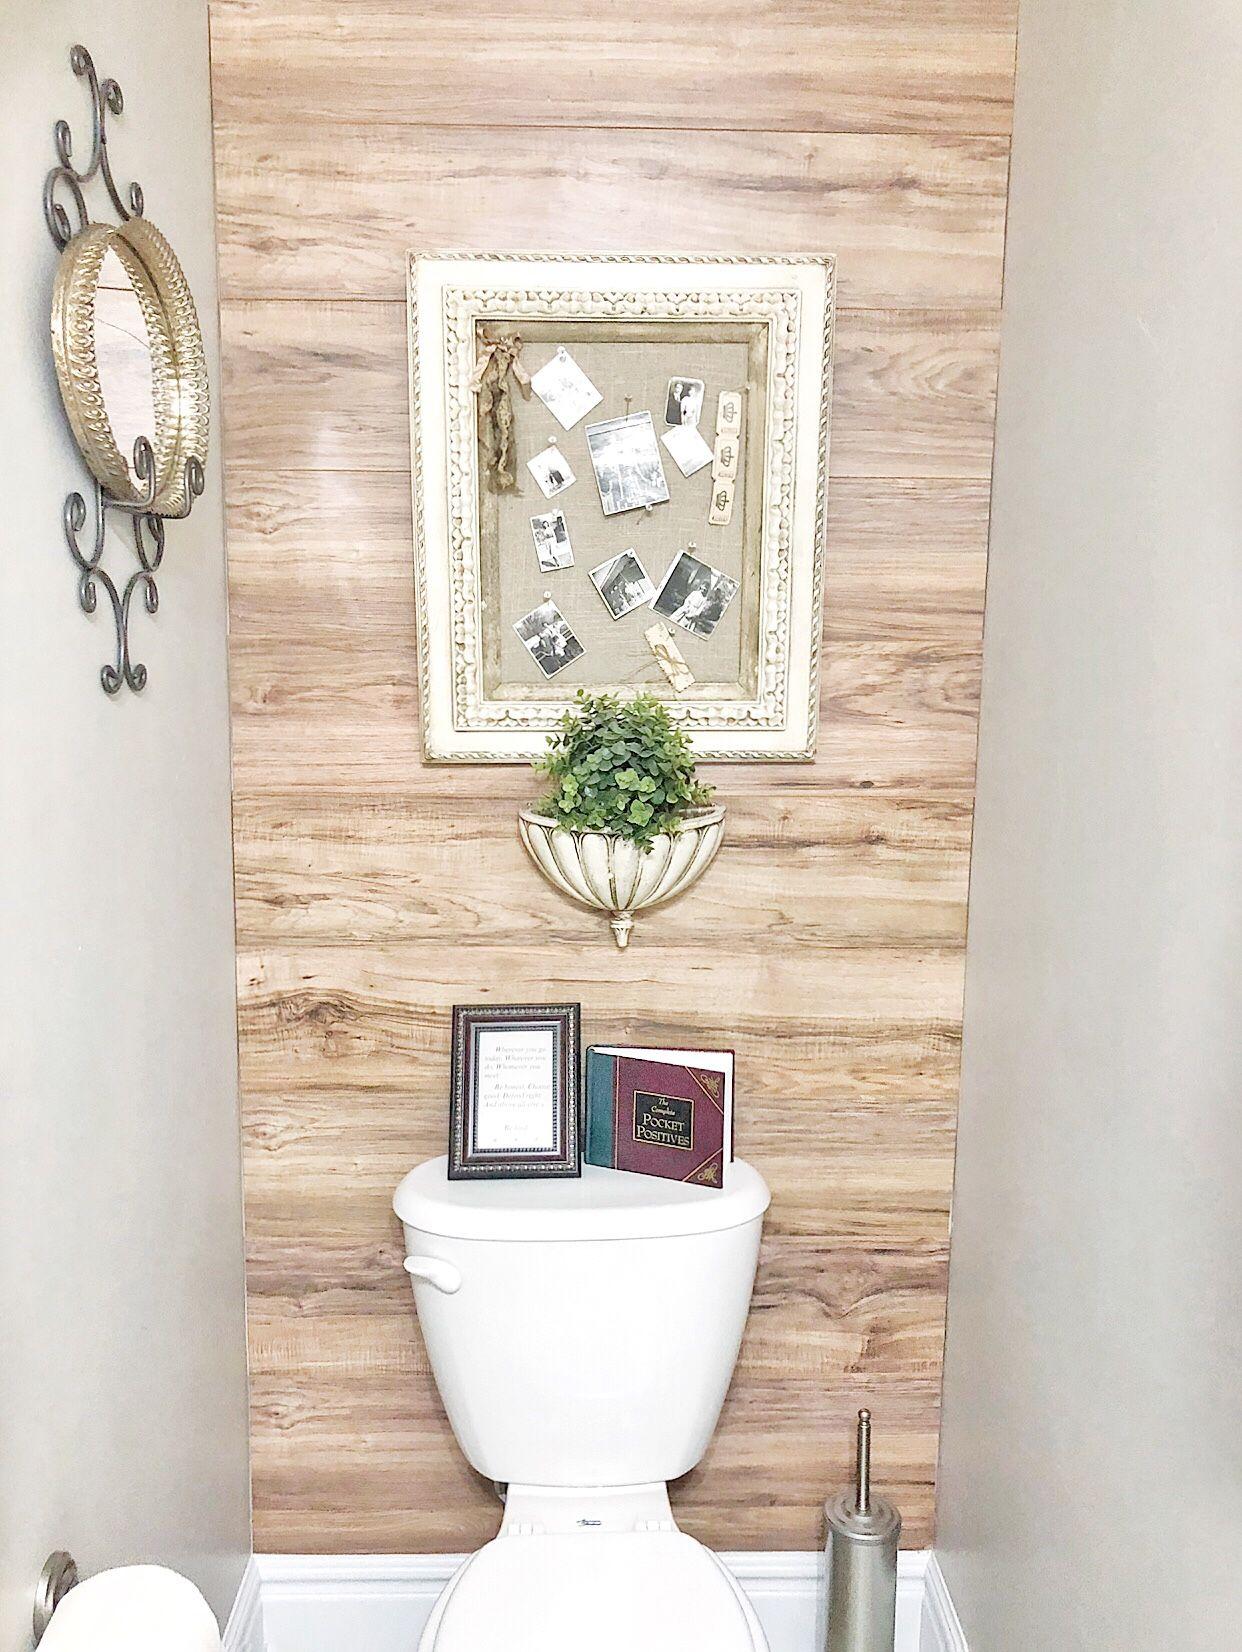 Diy Laminate Wood Wall Wood Wall Bathroom Wood Laminate Wooden Bathroom